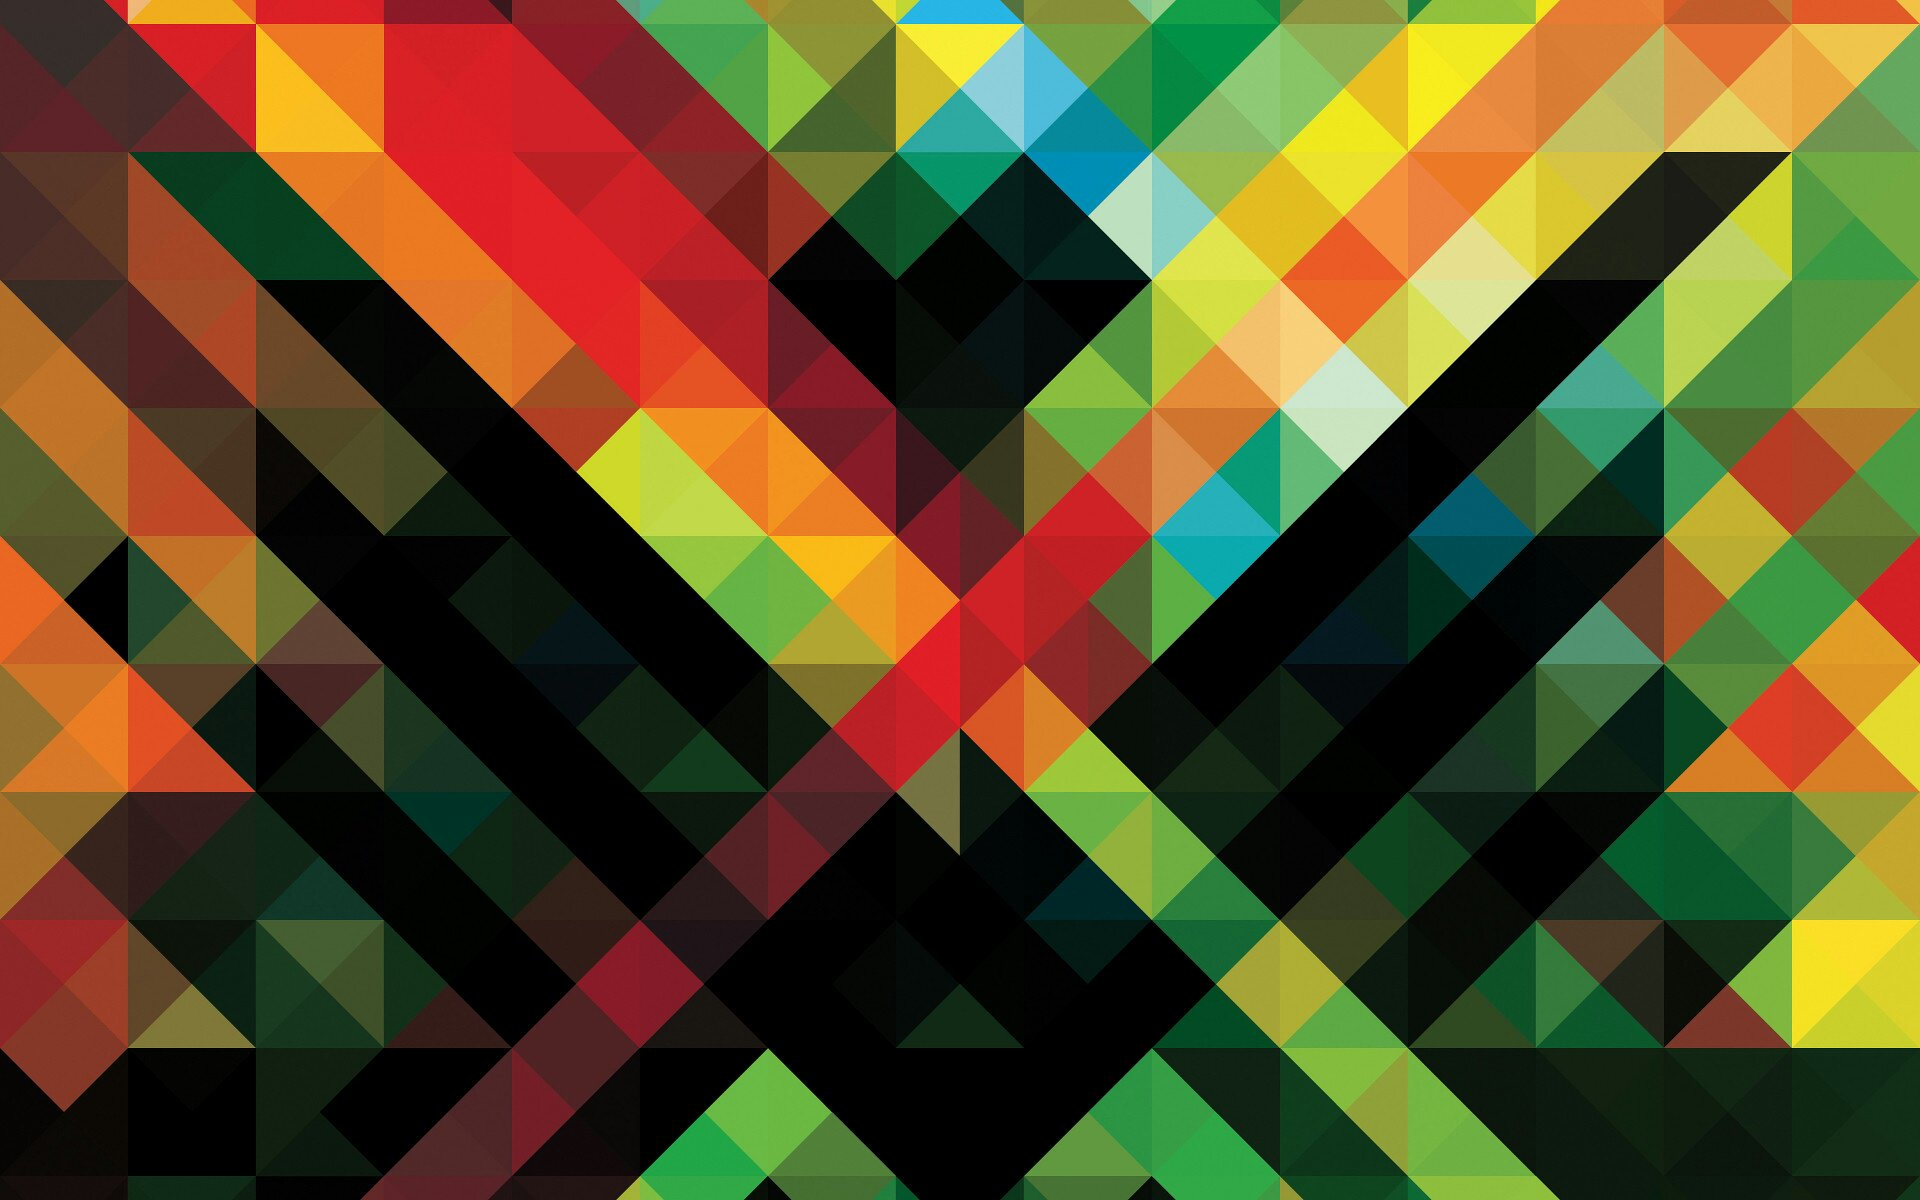 nexus wallpapers hd wallpapersafari